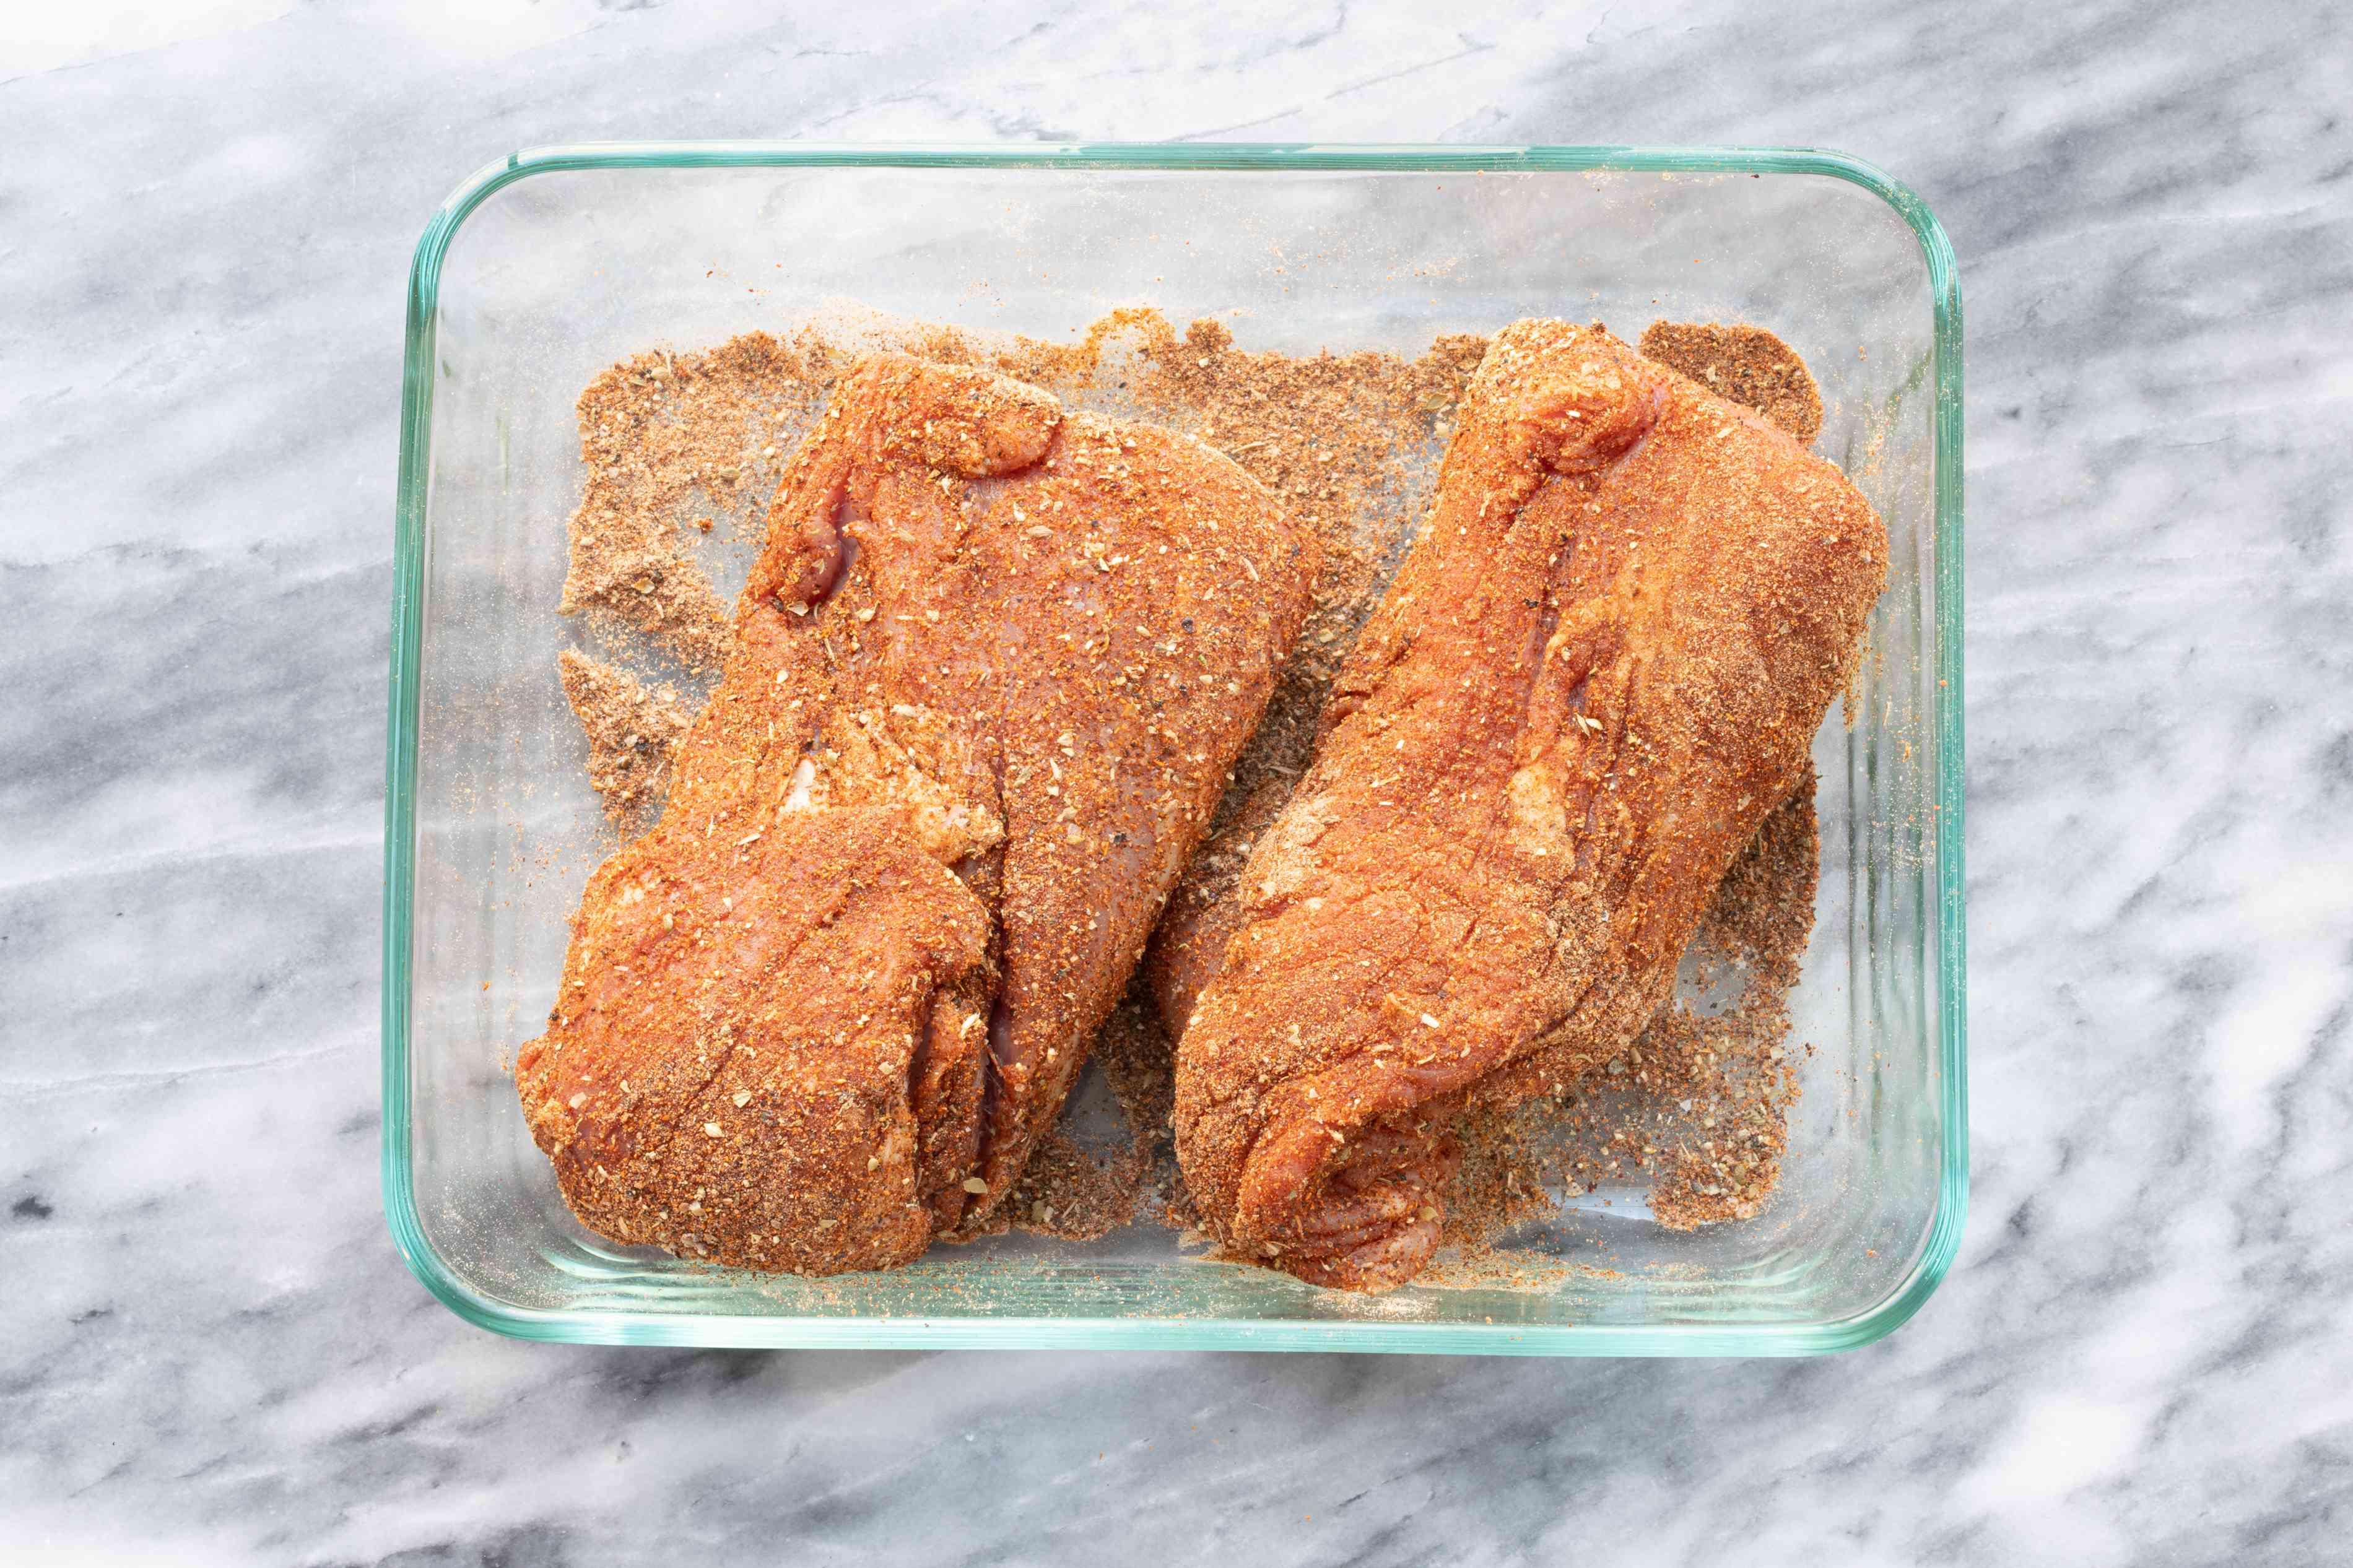 spices rubbed over the pork tenderloin